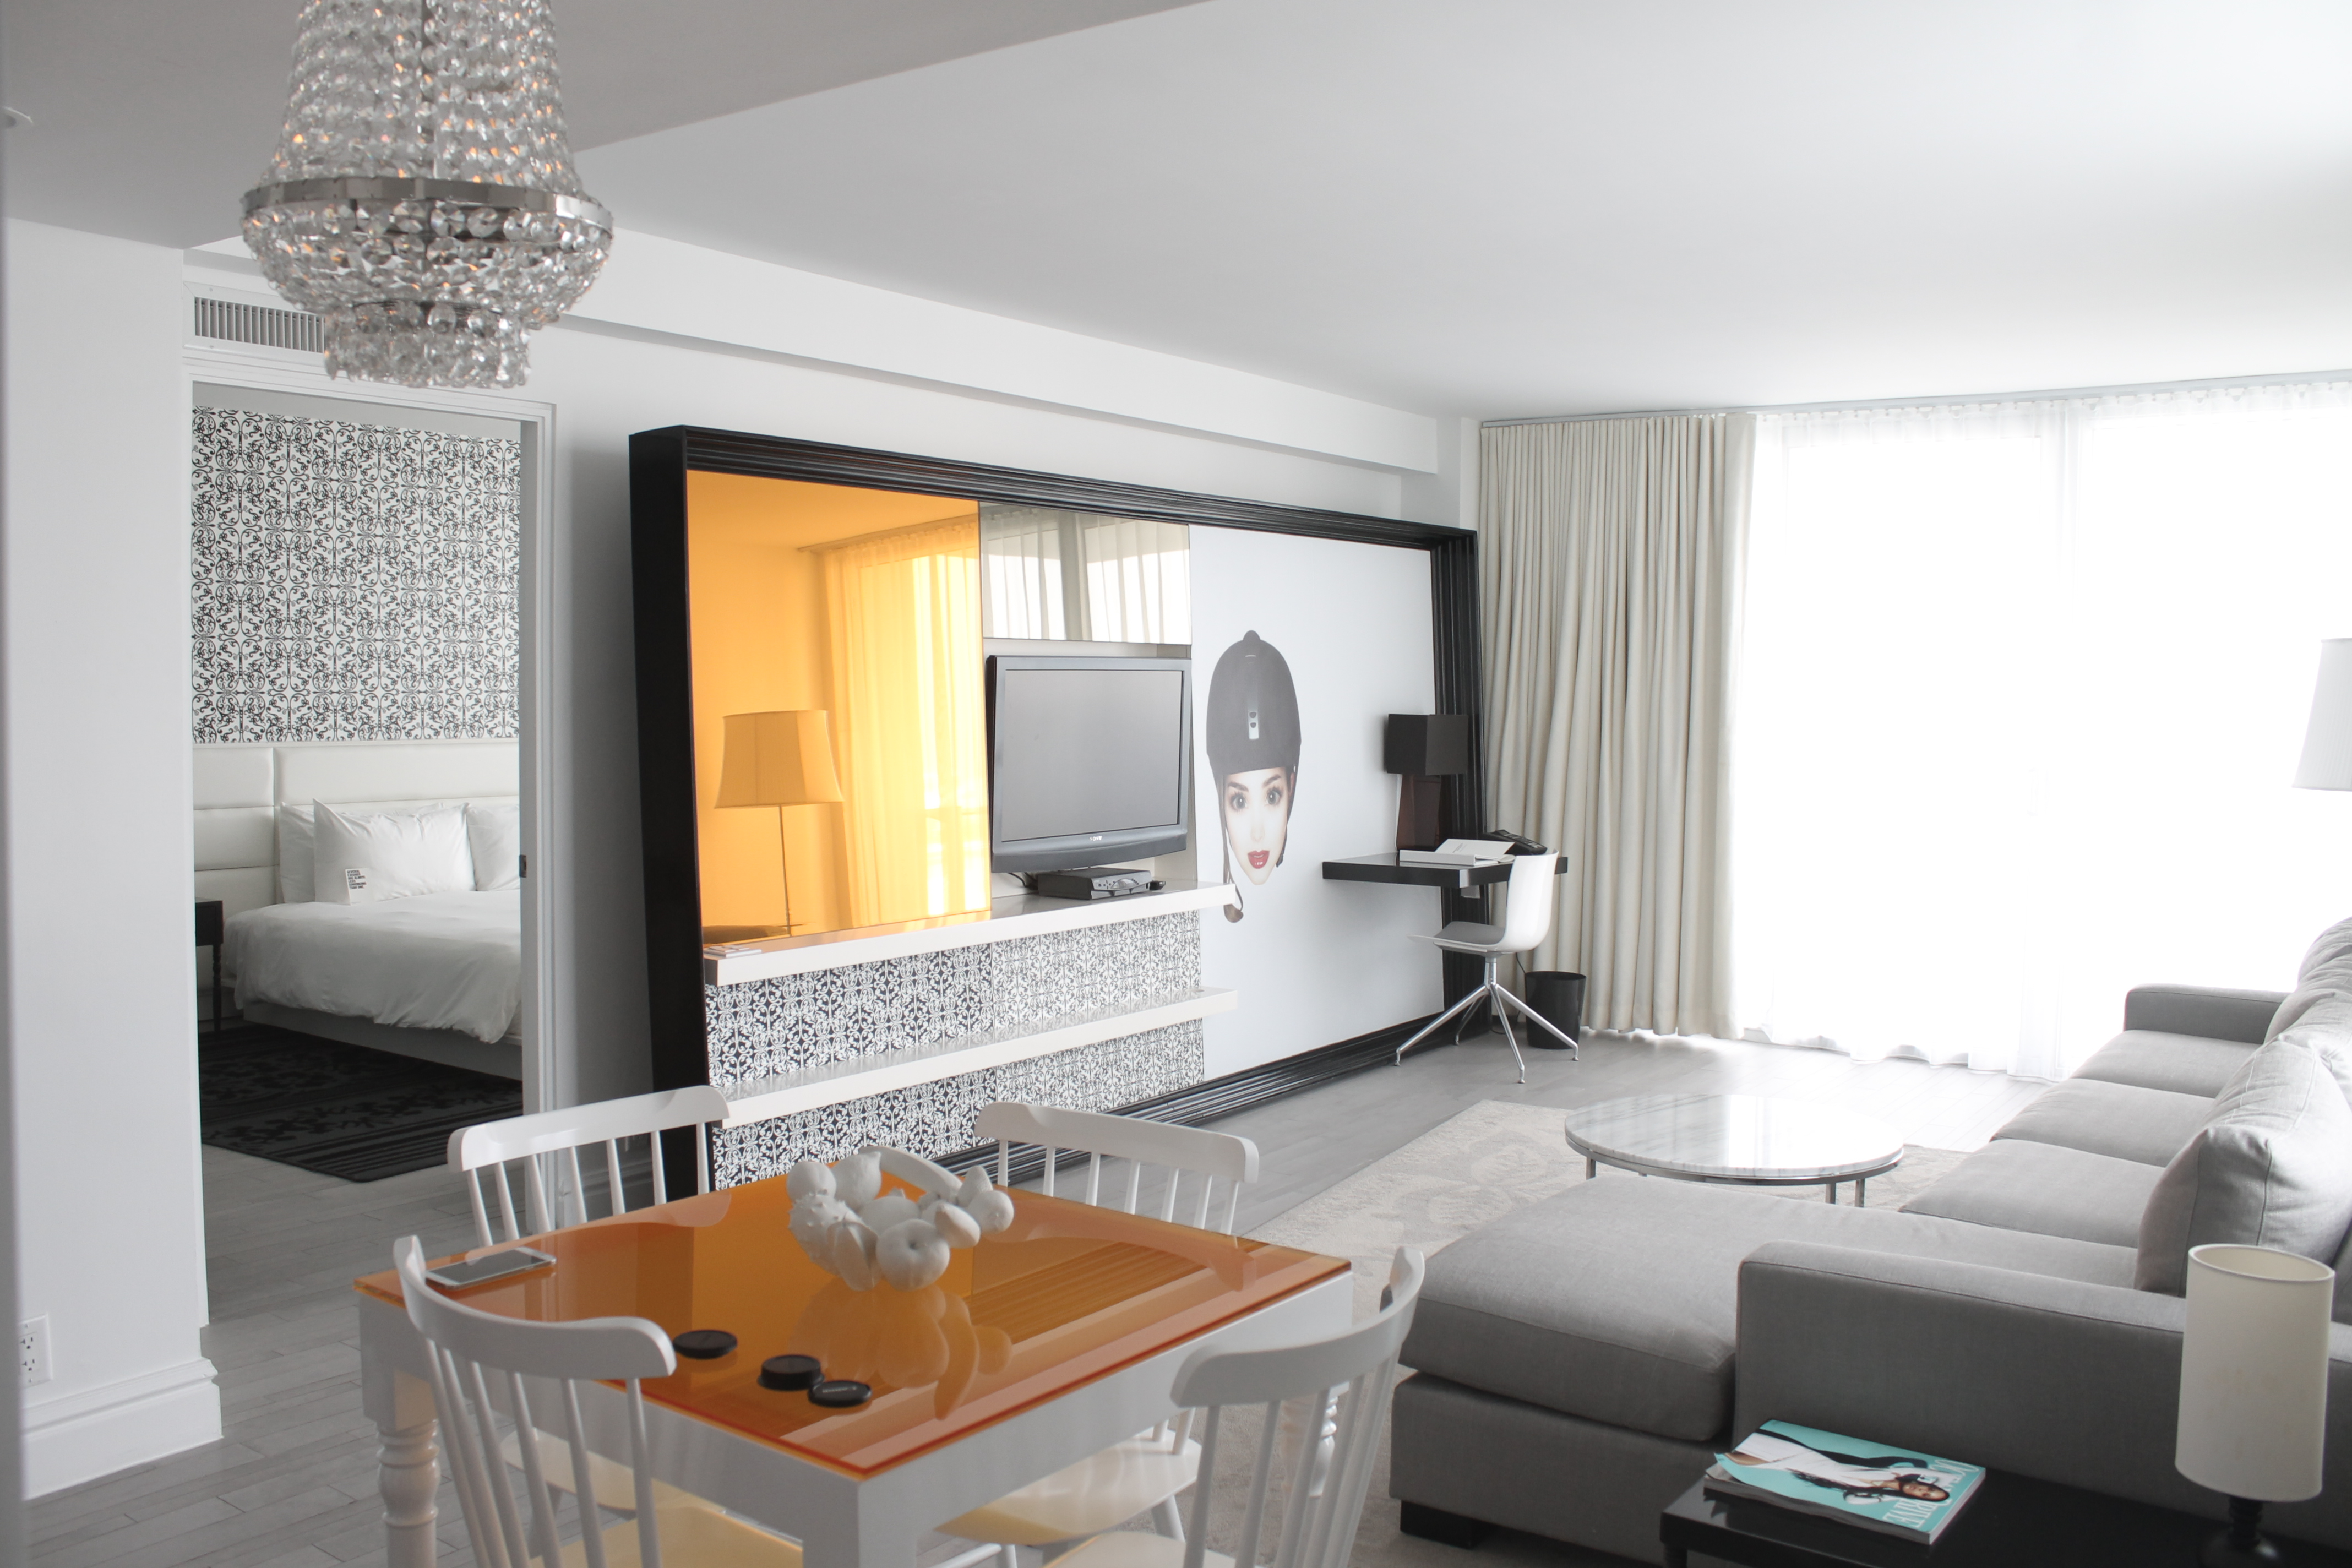 Mondrian South Bech Hotel